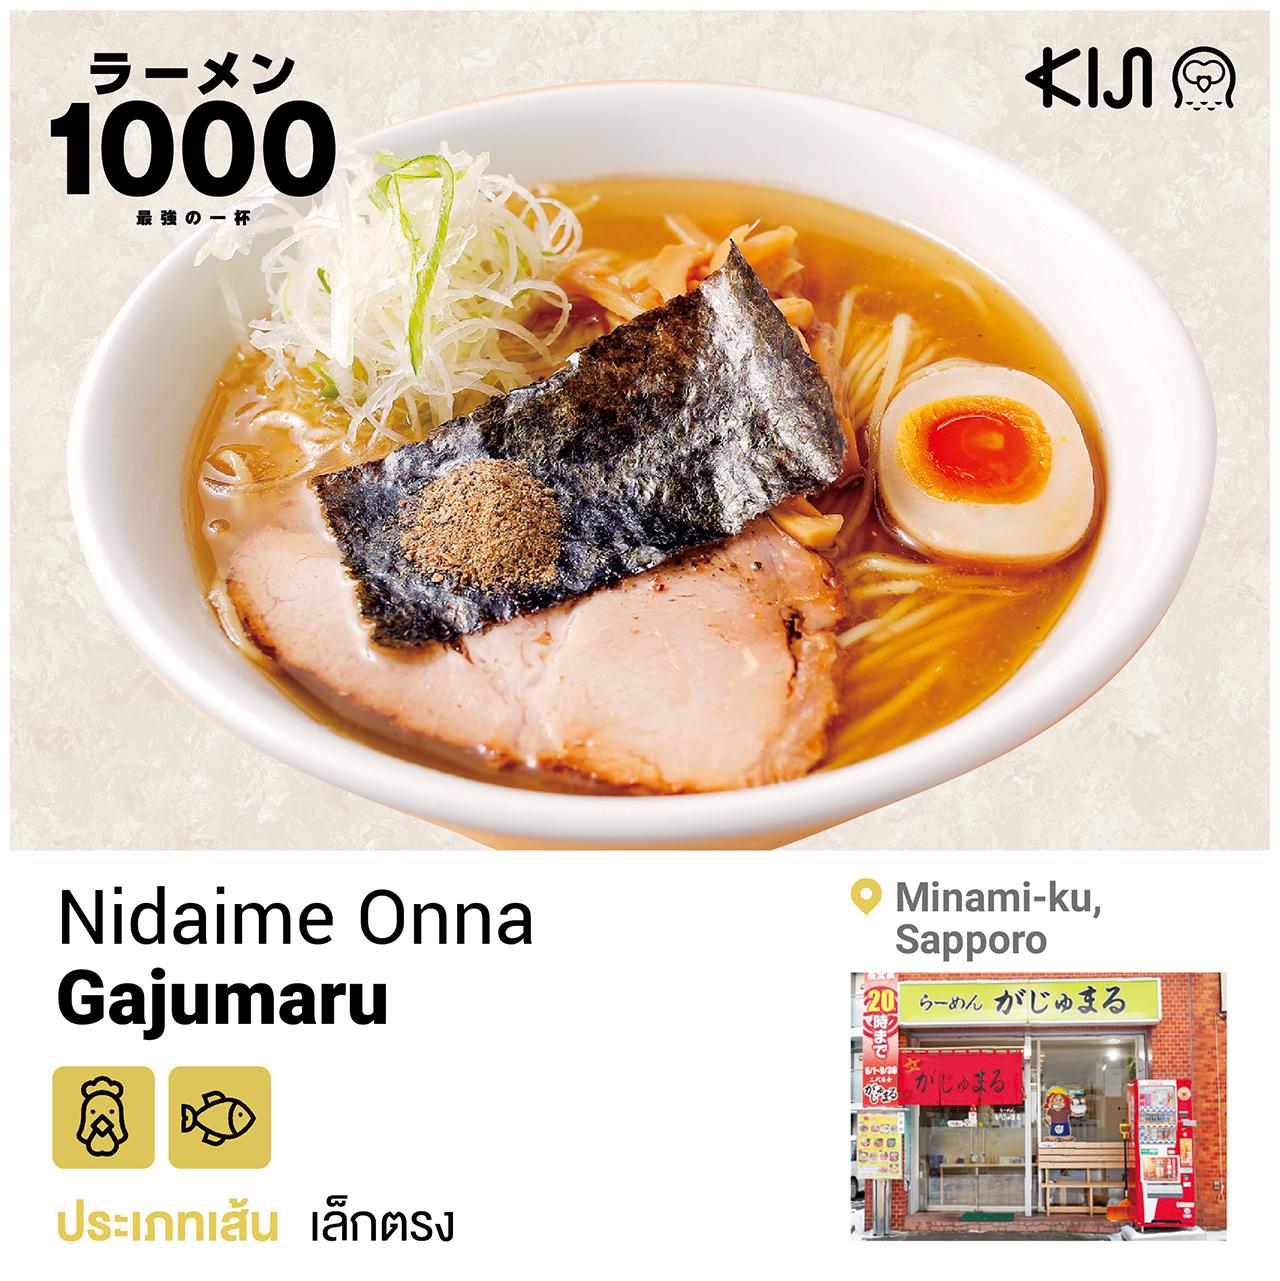 ร้านราเมนในฮอกไกโด - Nidaime Onna Gajumaru